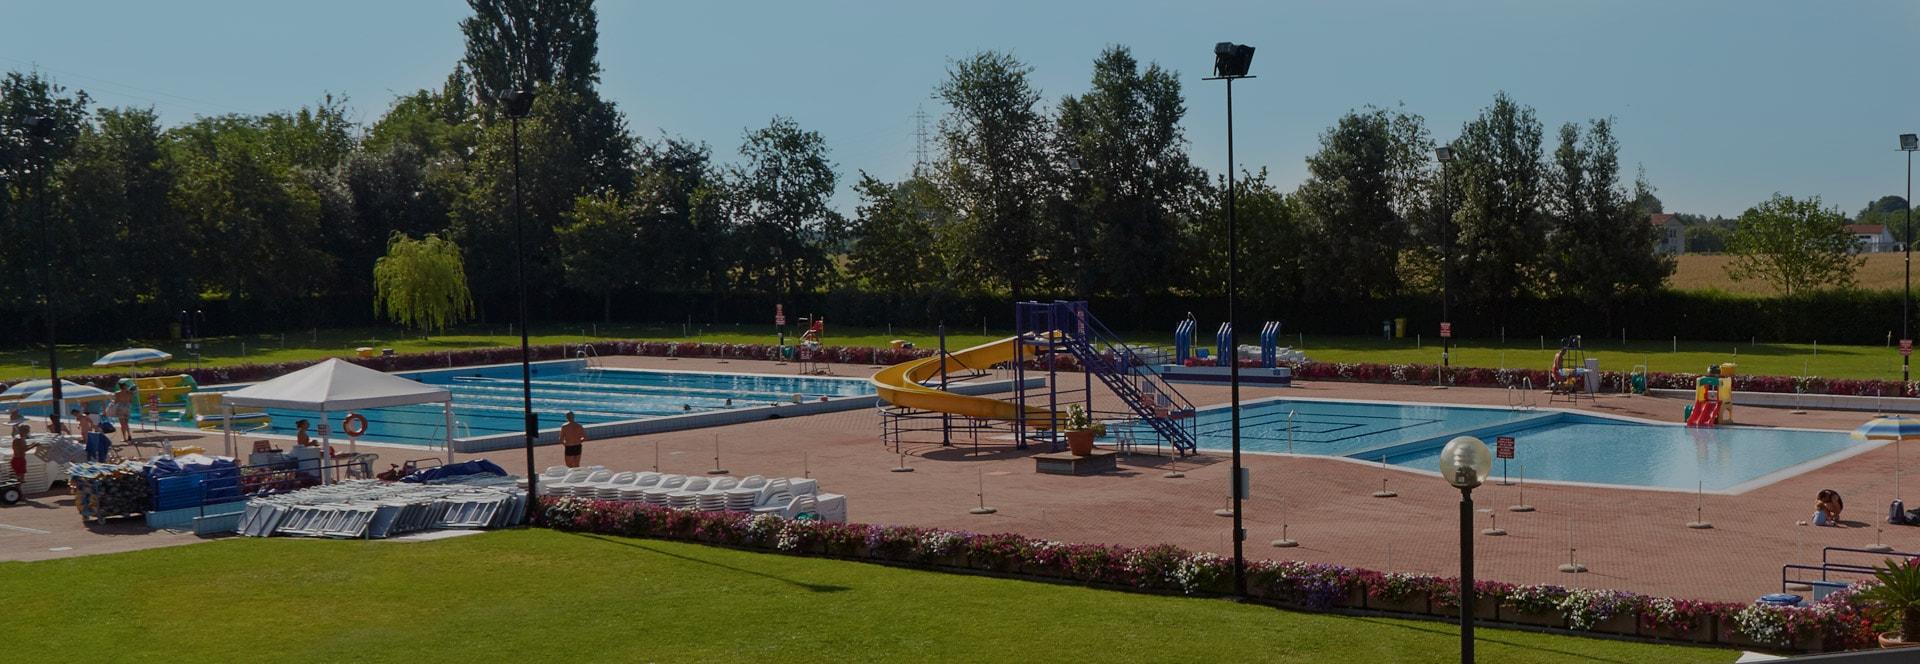 Piscina estiva  Centro Nuoto Ros